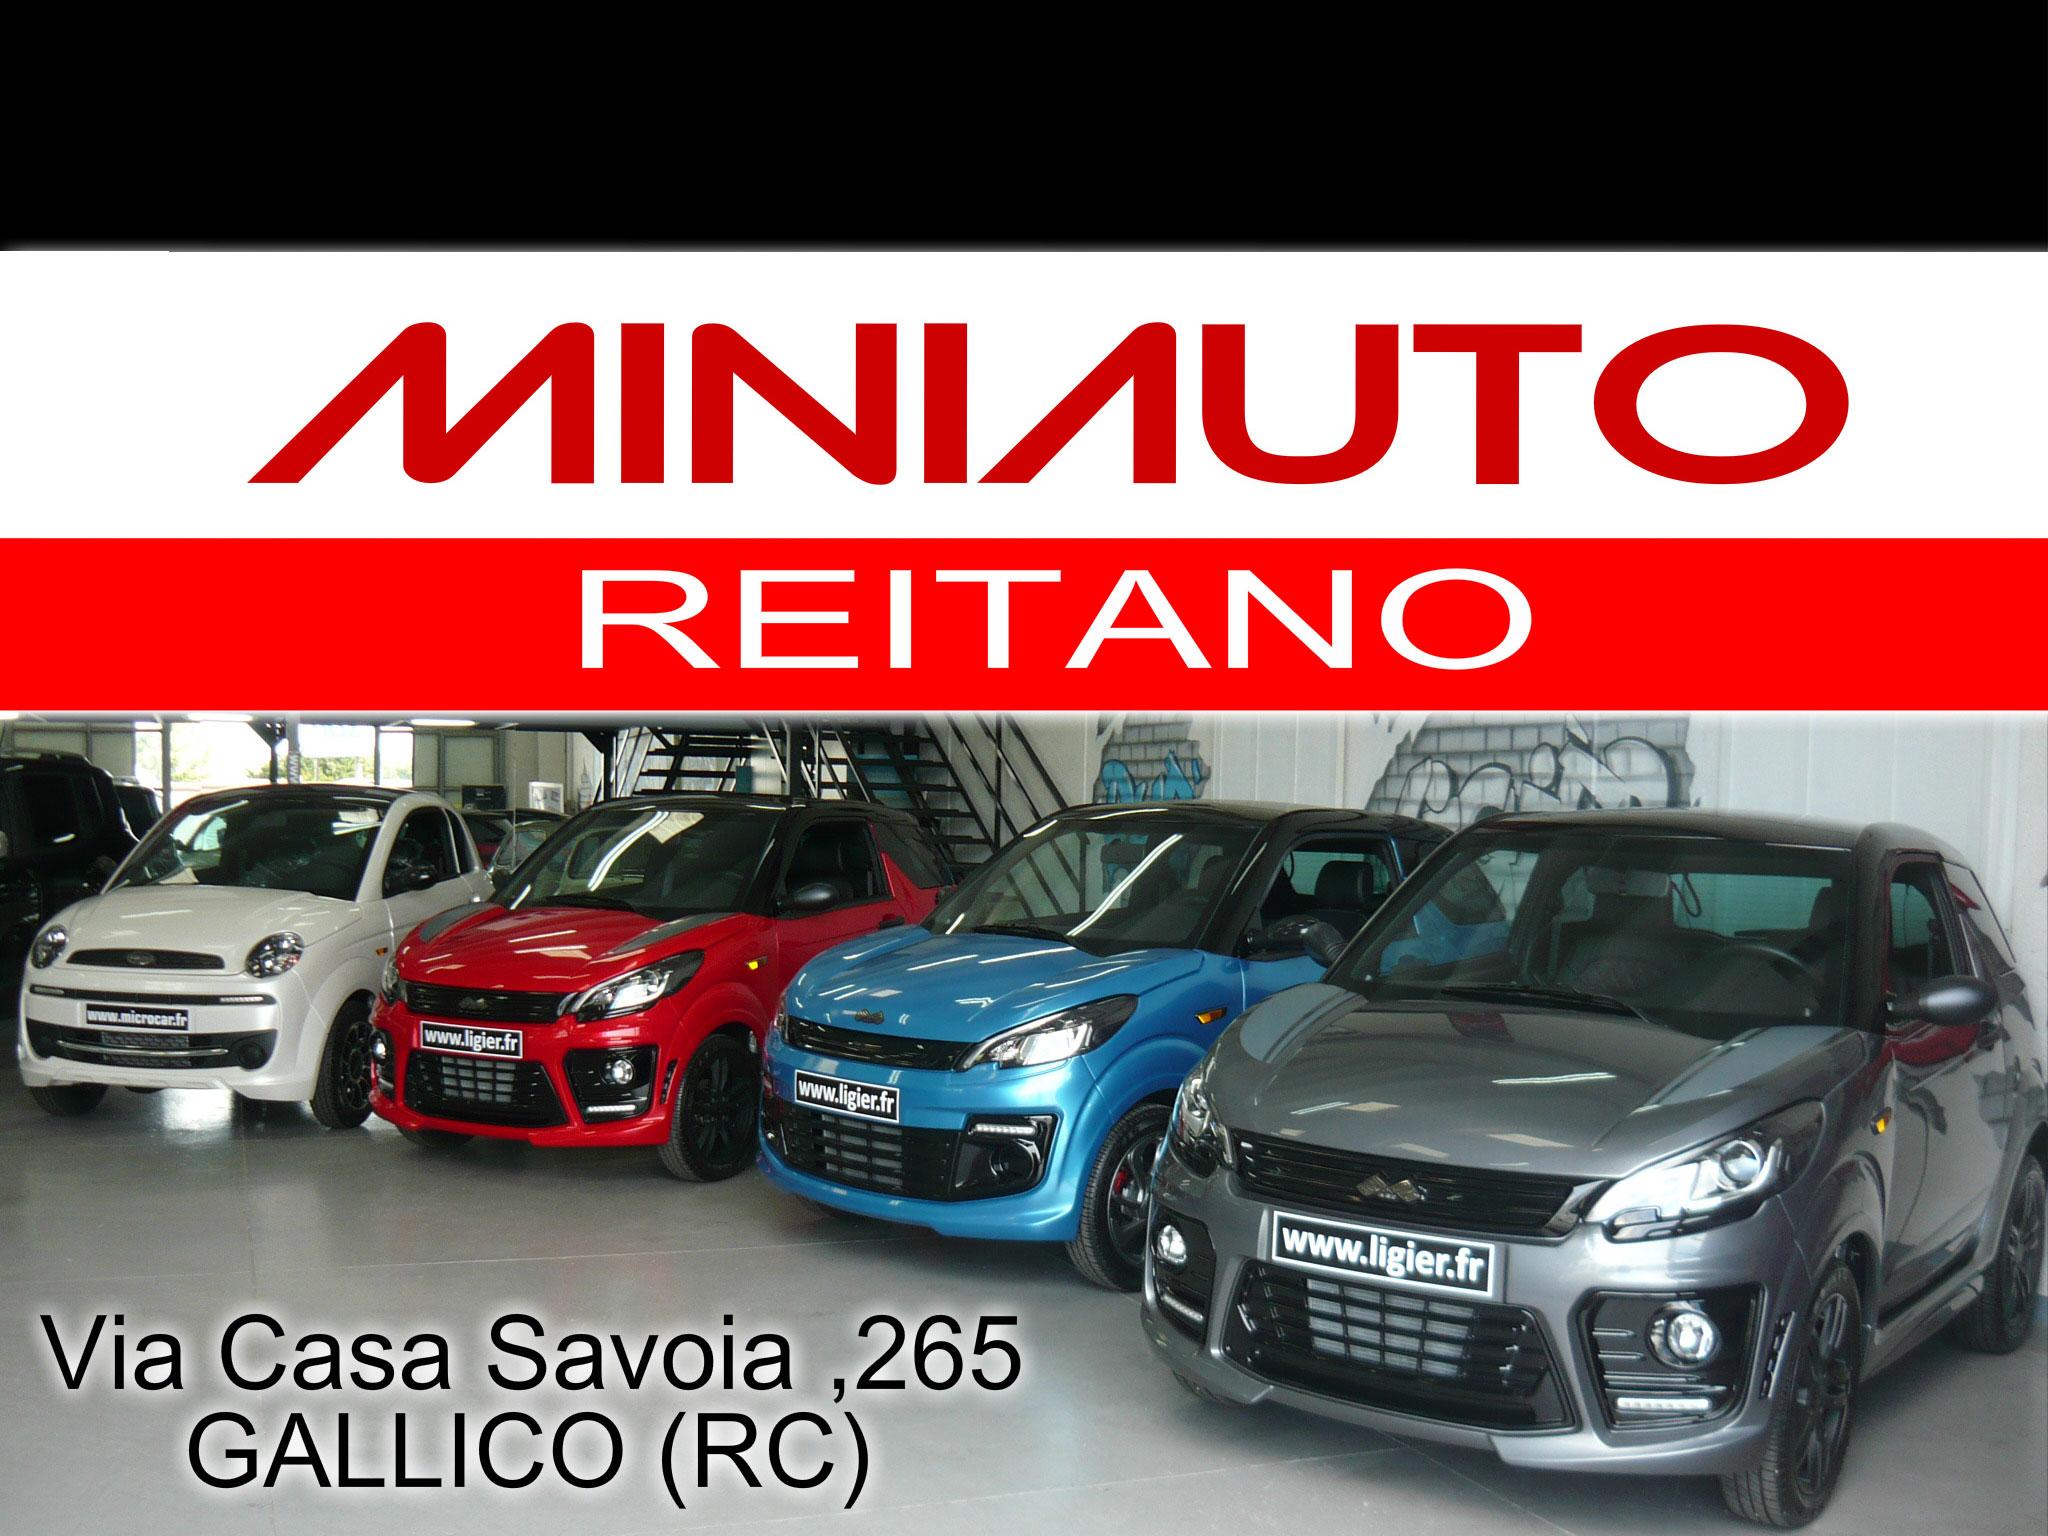 Miniauto Rivenditore Auto Nuove Usate Minicar Reggio Calabria